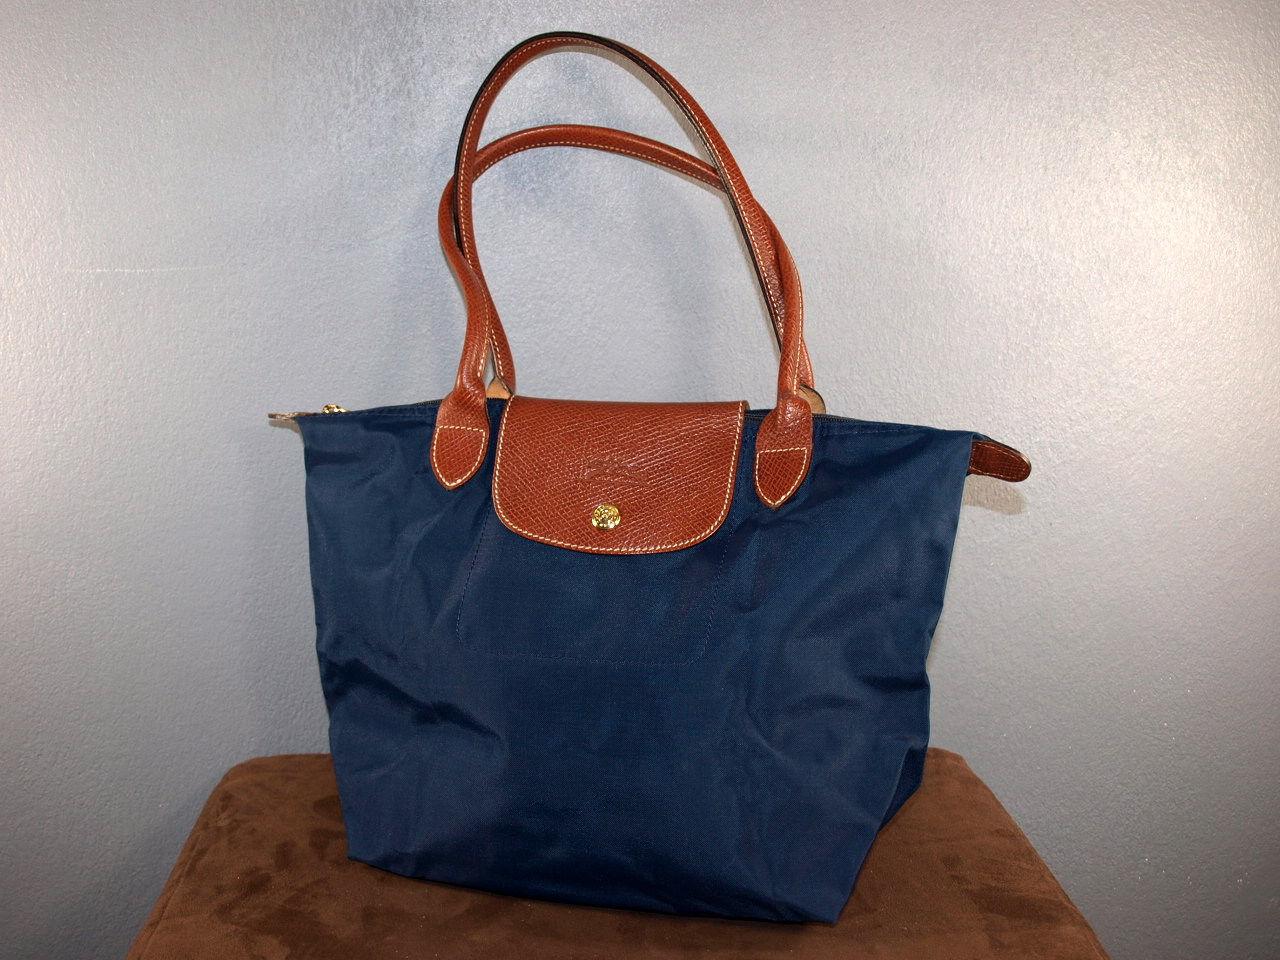 Sac Longchamps Pliage Bleu Marine